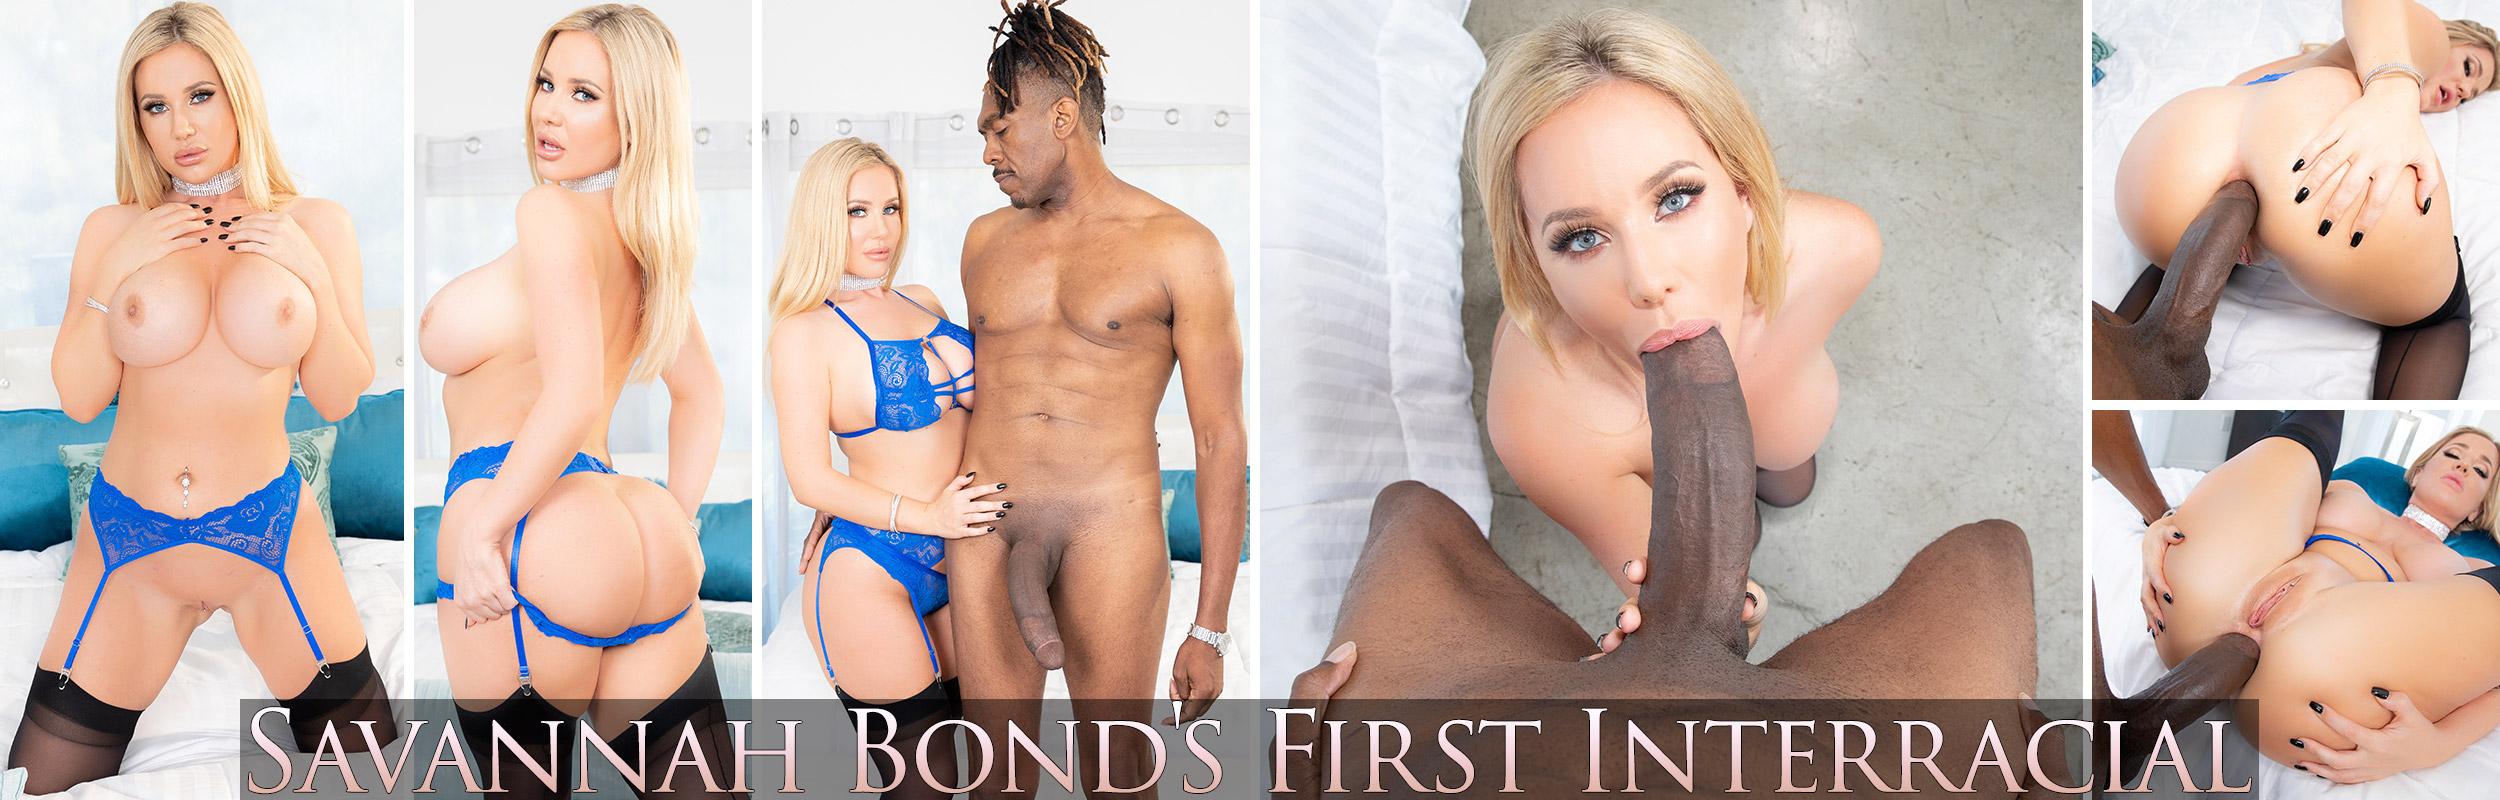 Savannah Bond's First Interracial